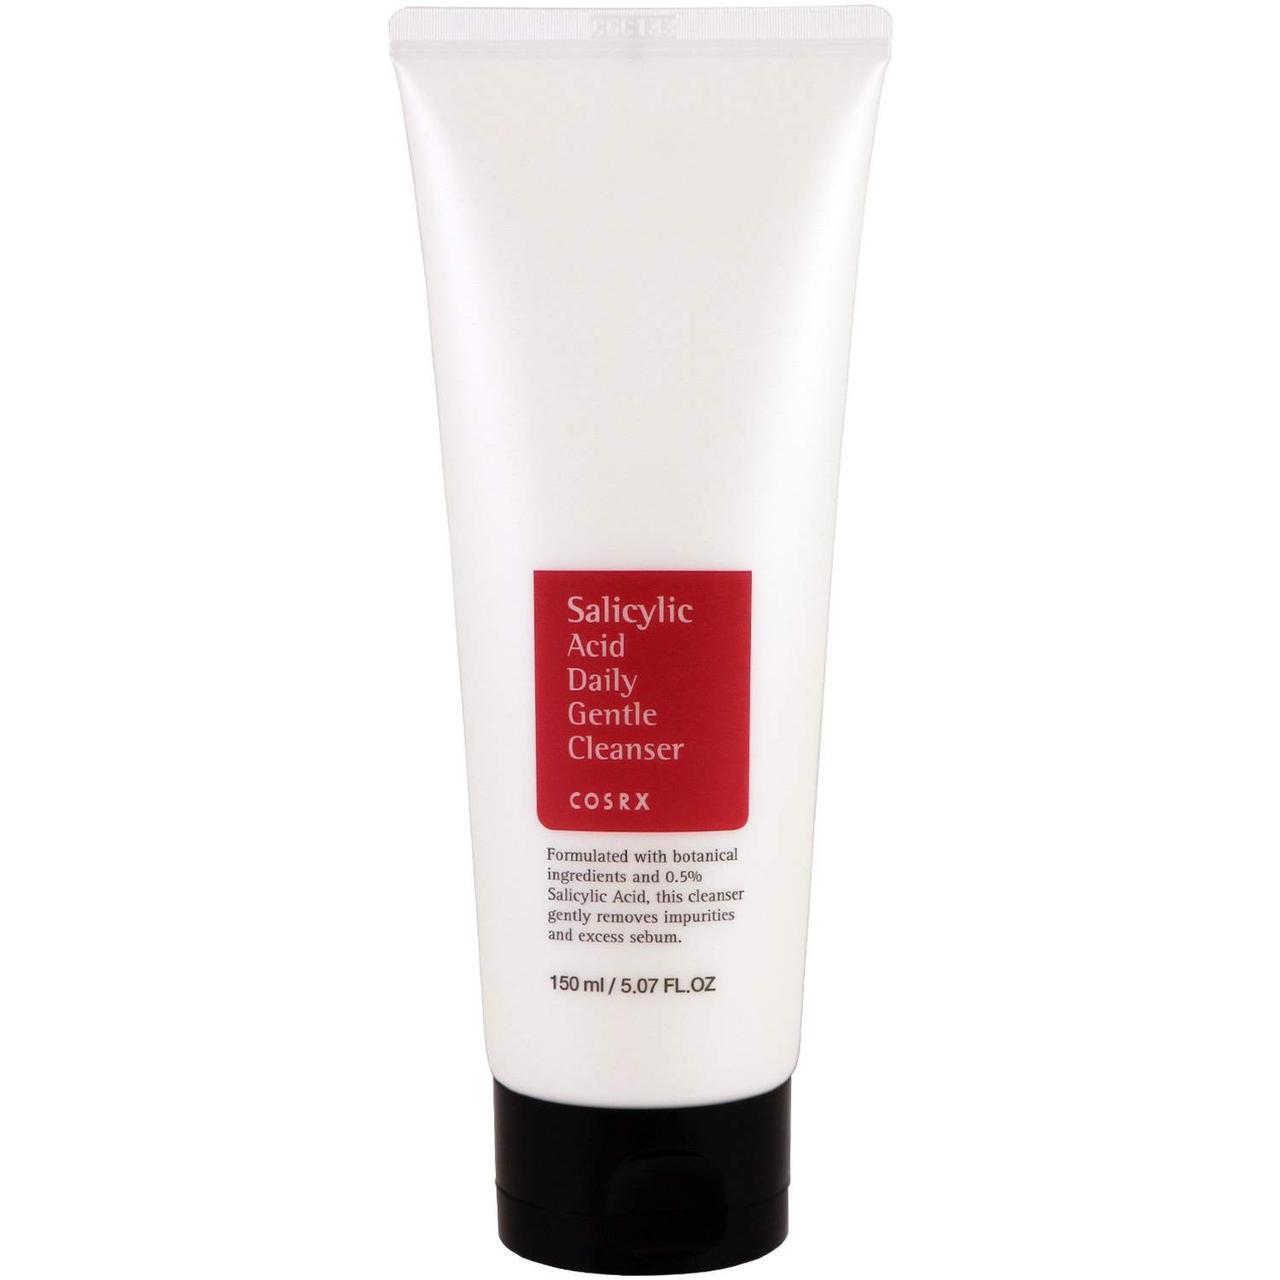 Пенка для мягкого ежедневного умывания Cosrx Salicylic Acid Daily Gentle Cleanser 150 мл (8809416471112)